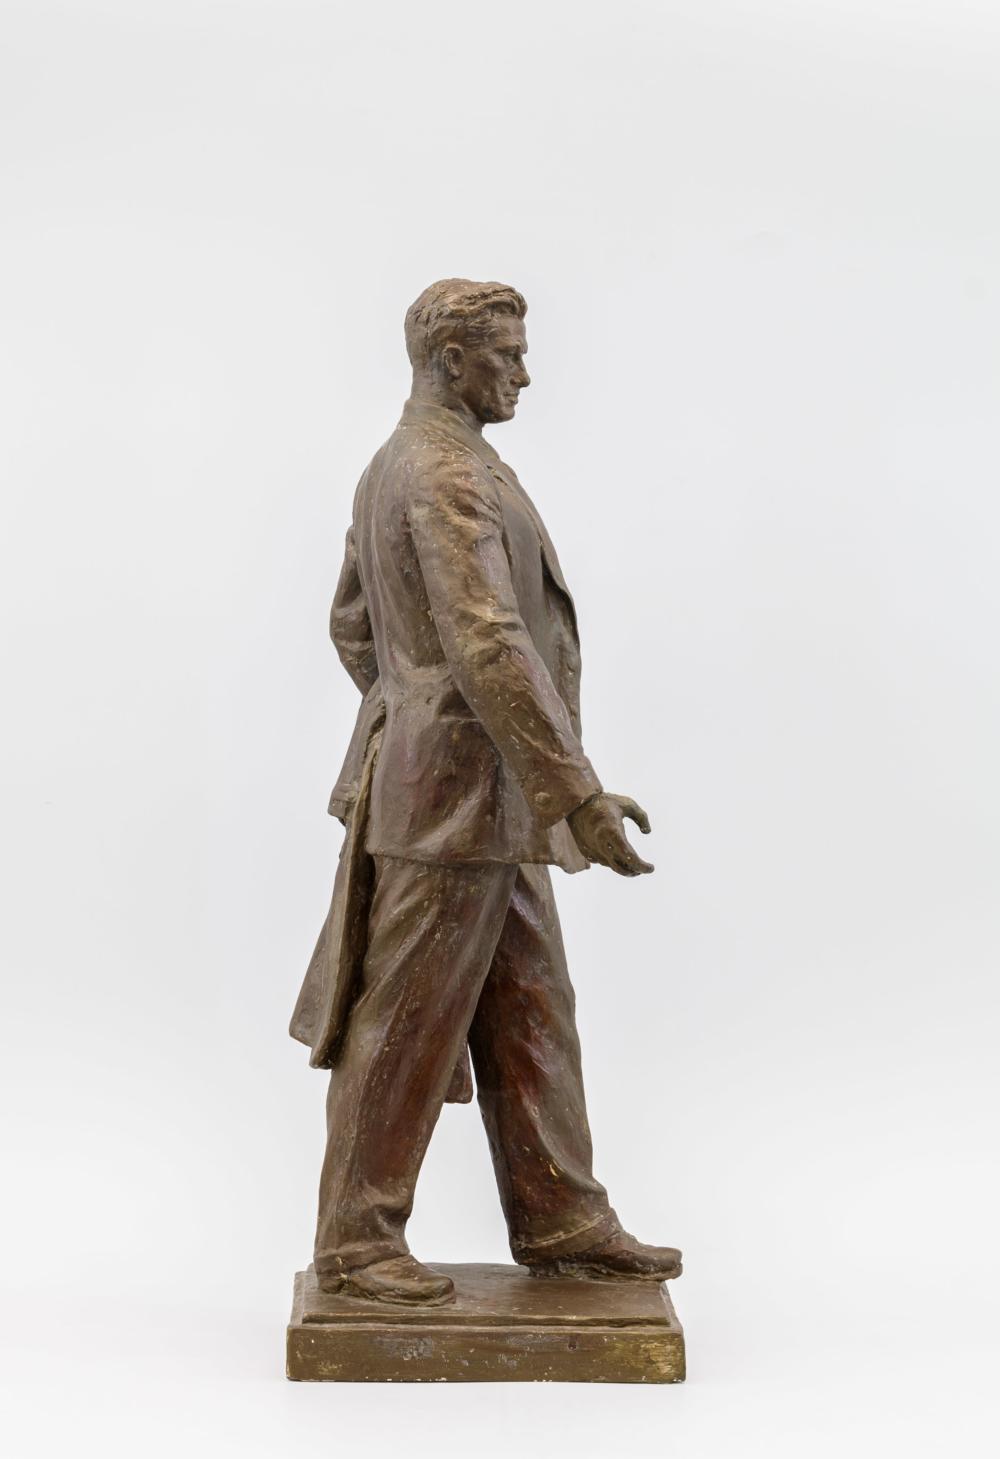 Владимир Маяковский. Эскиз к проекту памятника для Москвы. 1953-1956